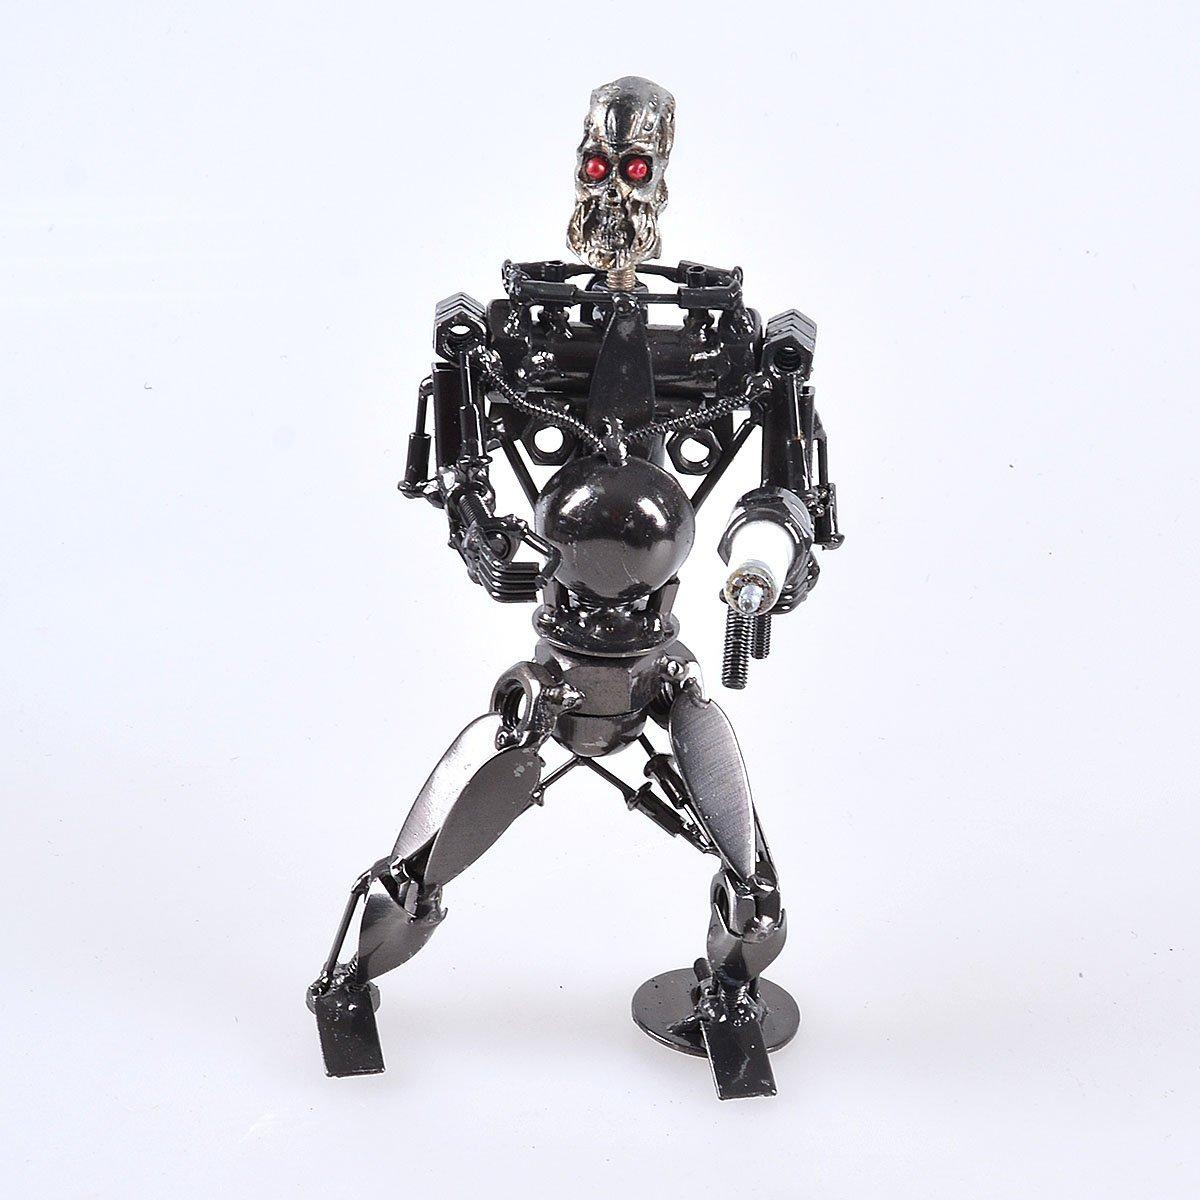 Largo SHENG hecho a mano robot Terminator obras de arte de metal escultura modelo retro, metal, style8: Amazon.es: Hogar